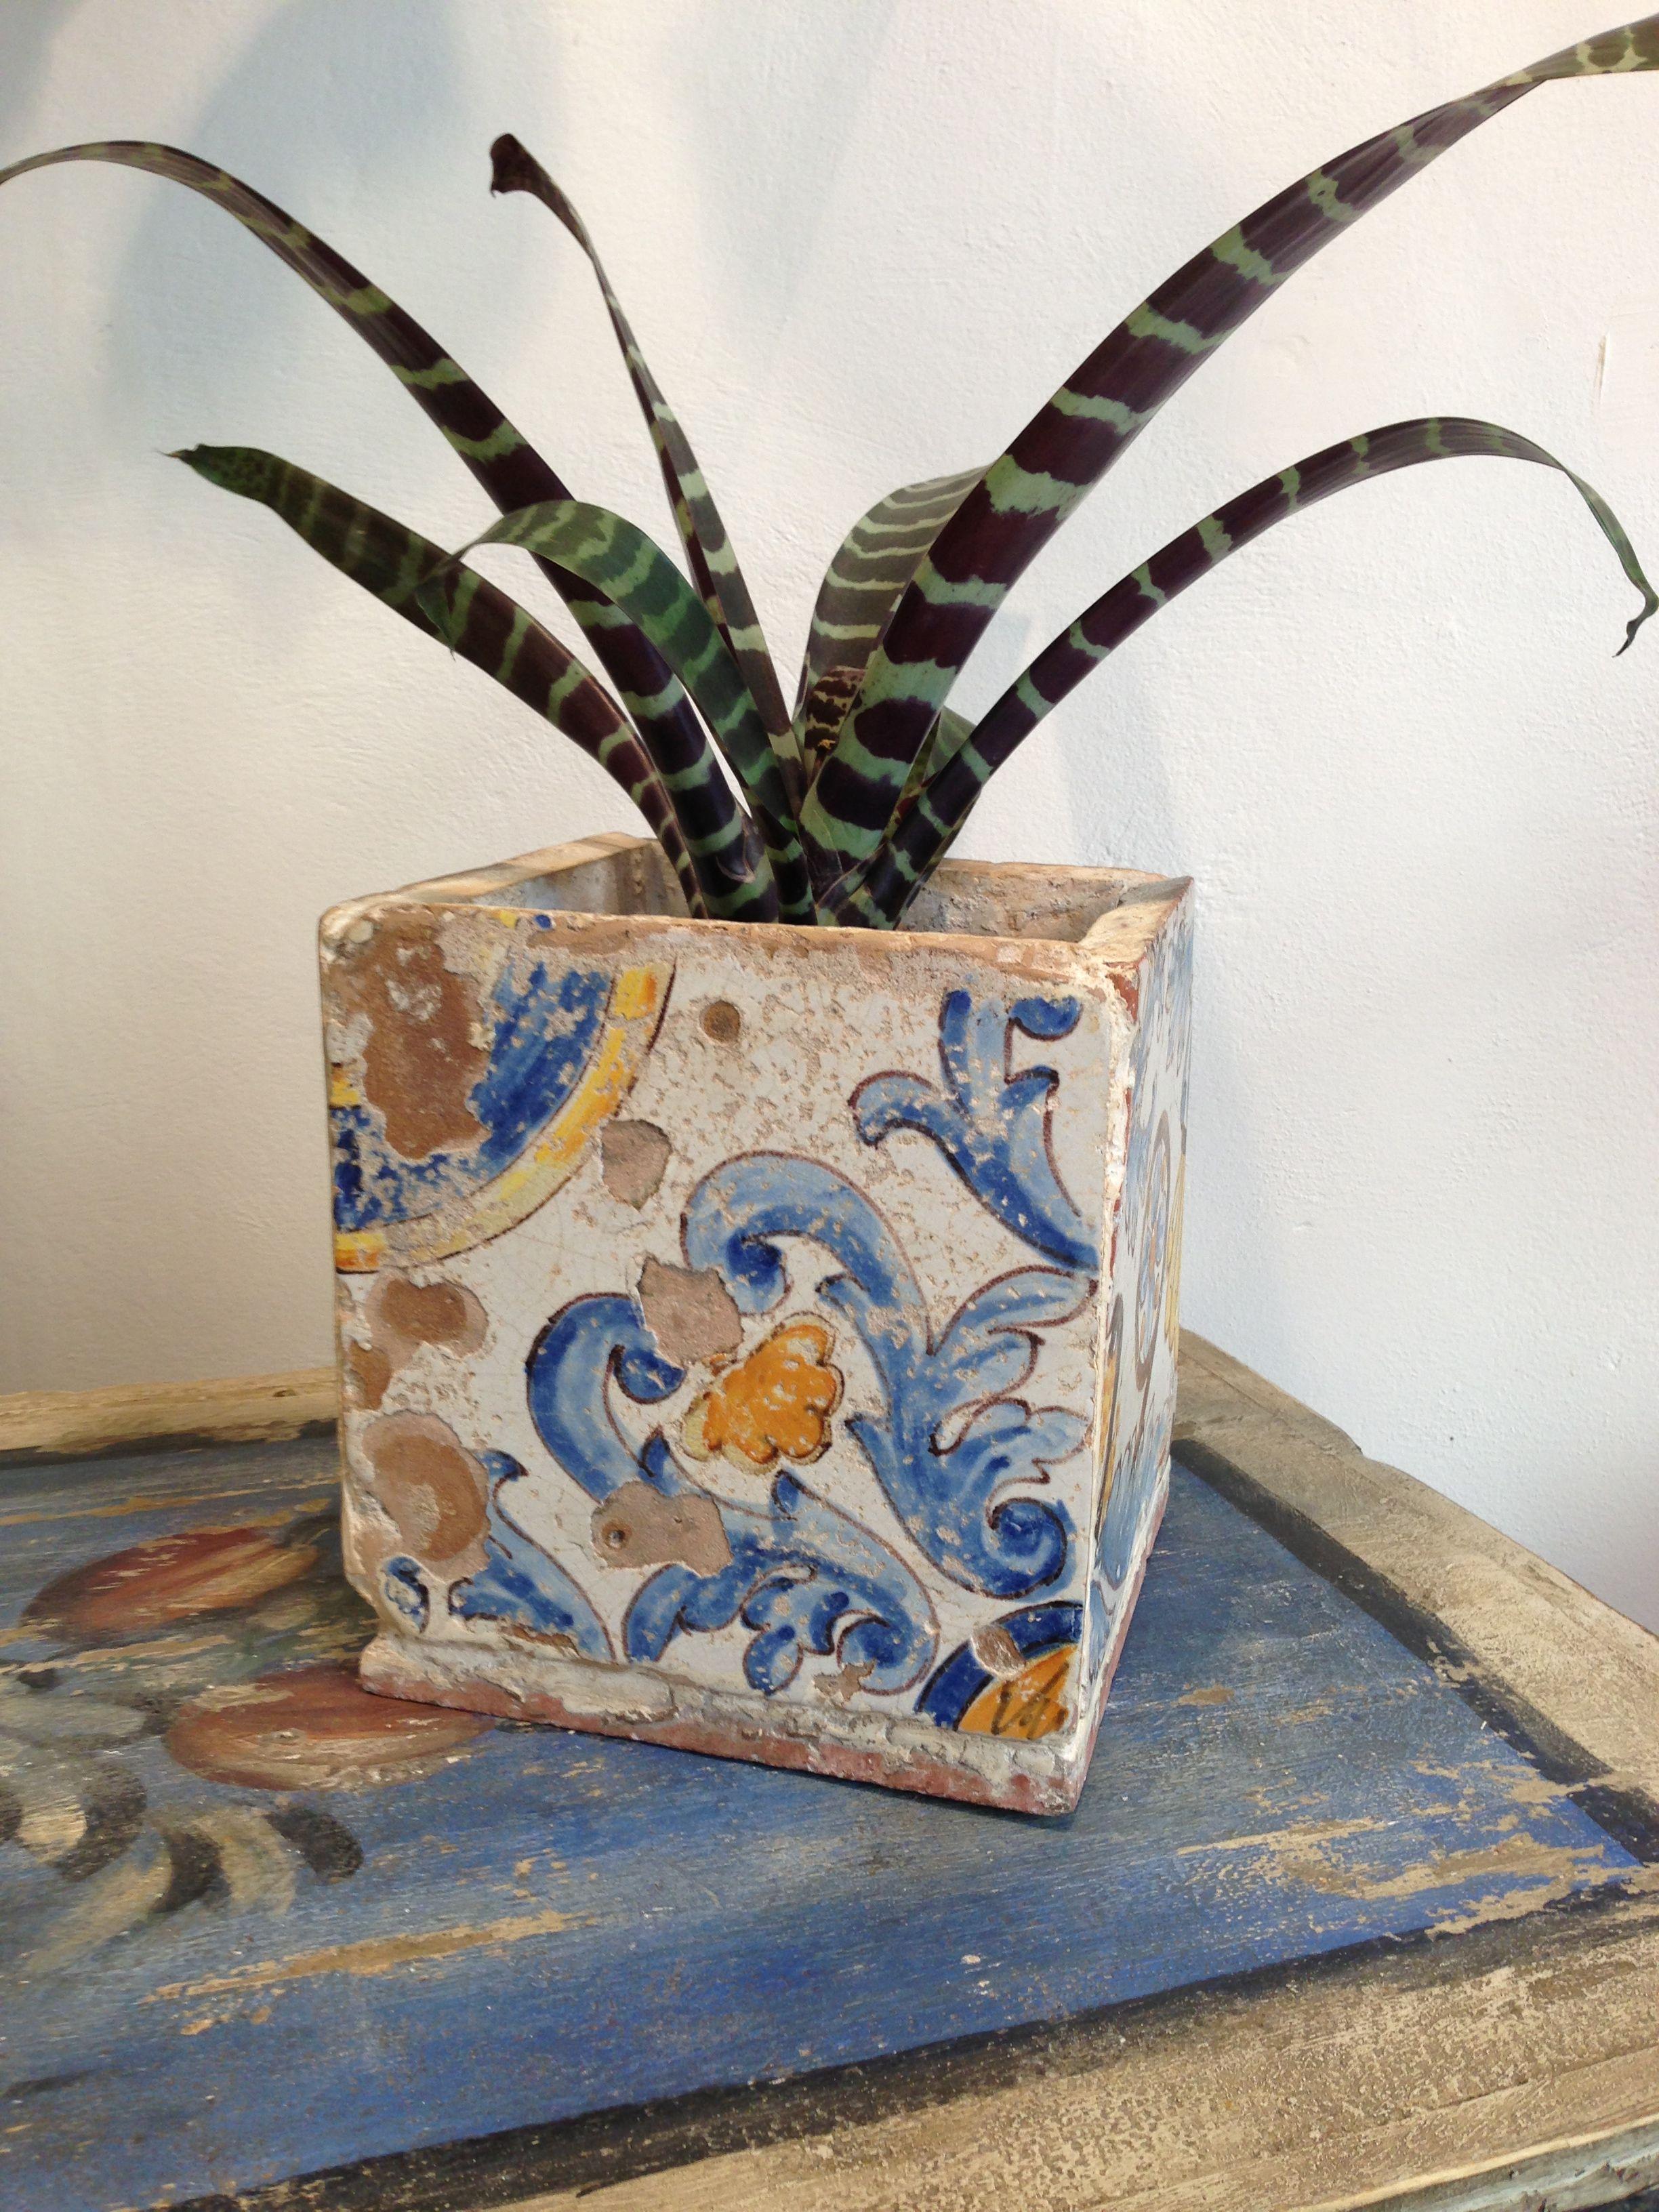 Antiche mattonelle siciliane ispirazioni mediterranee for Case antiche arredamento